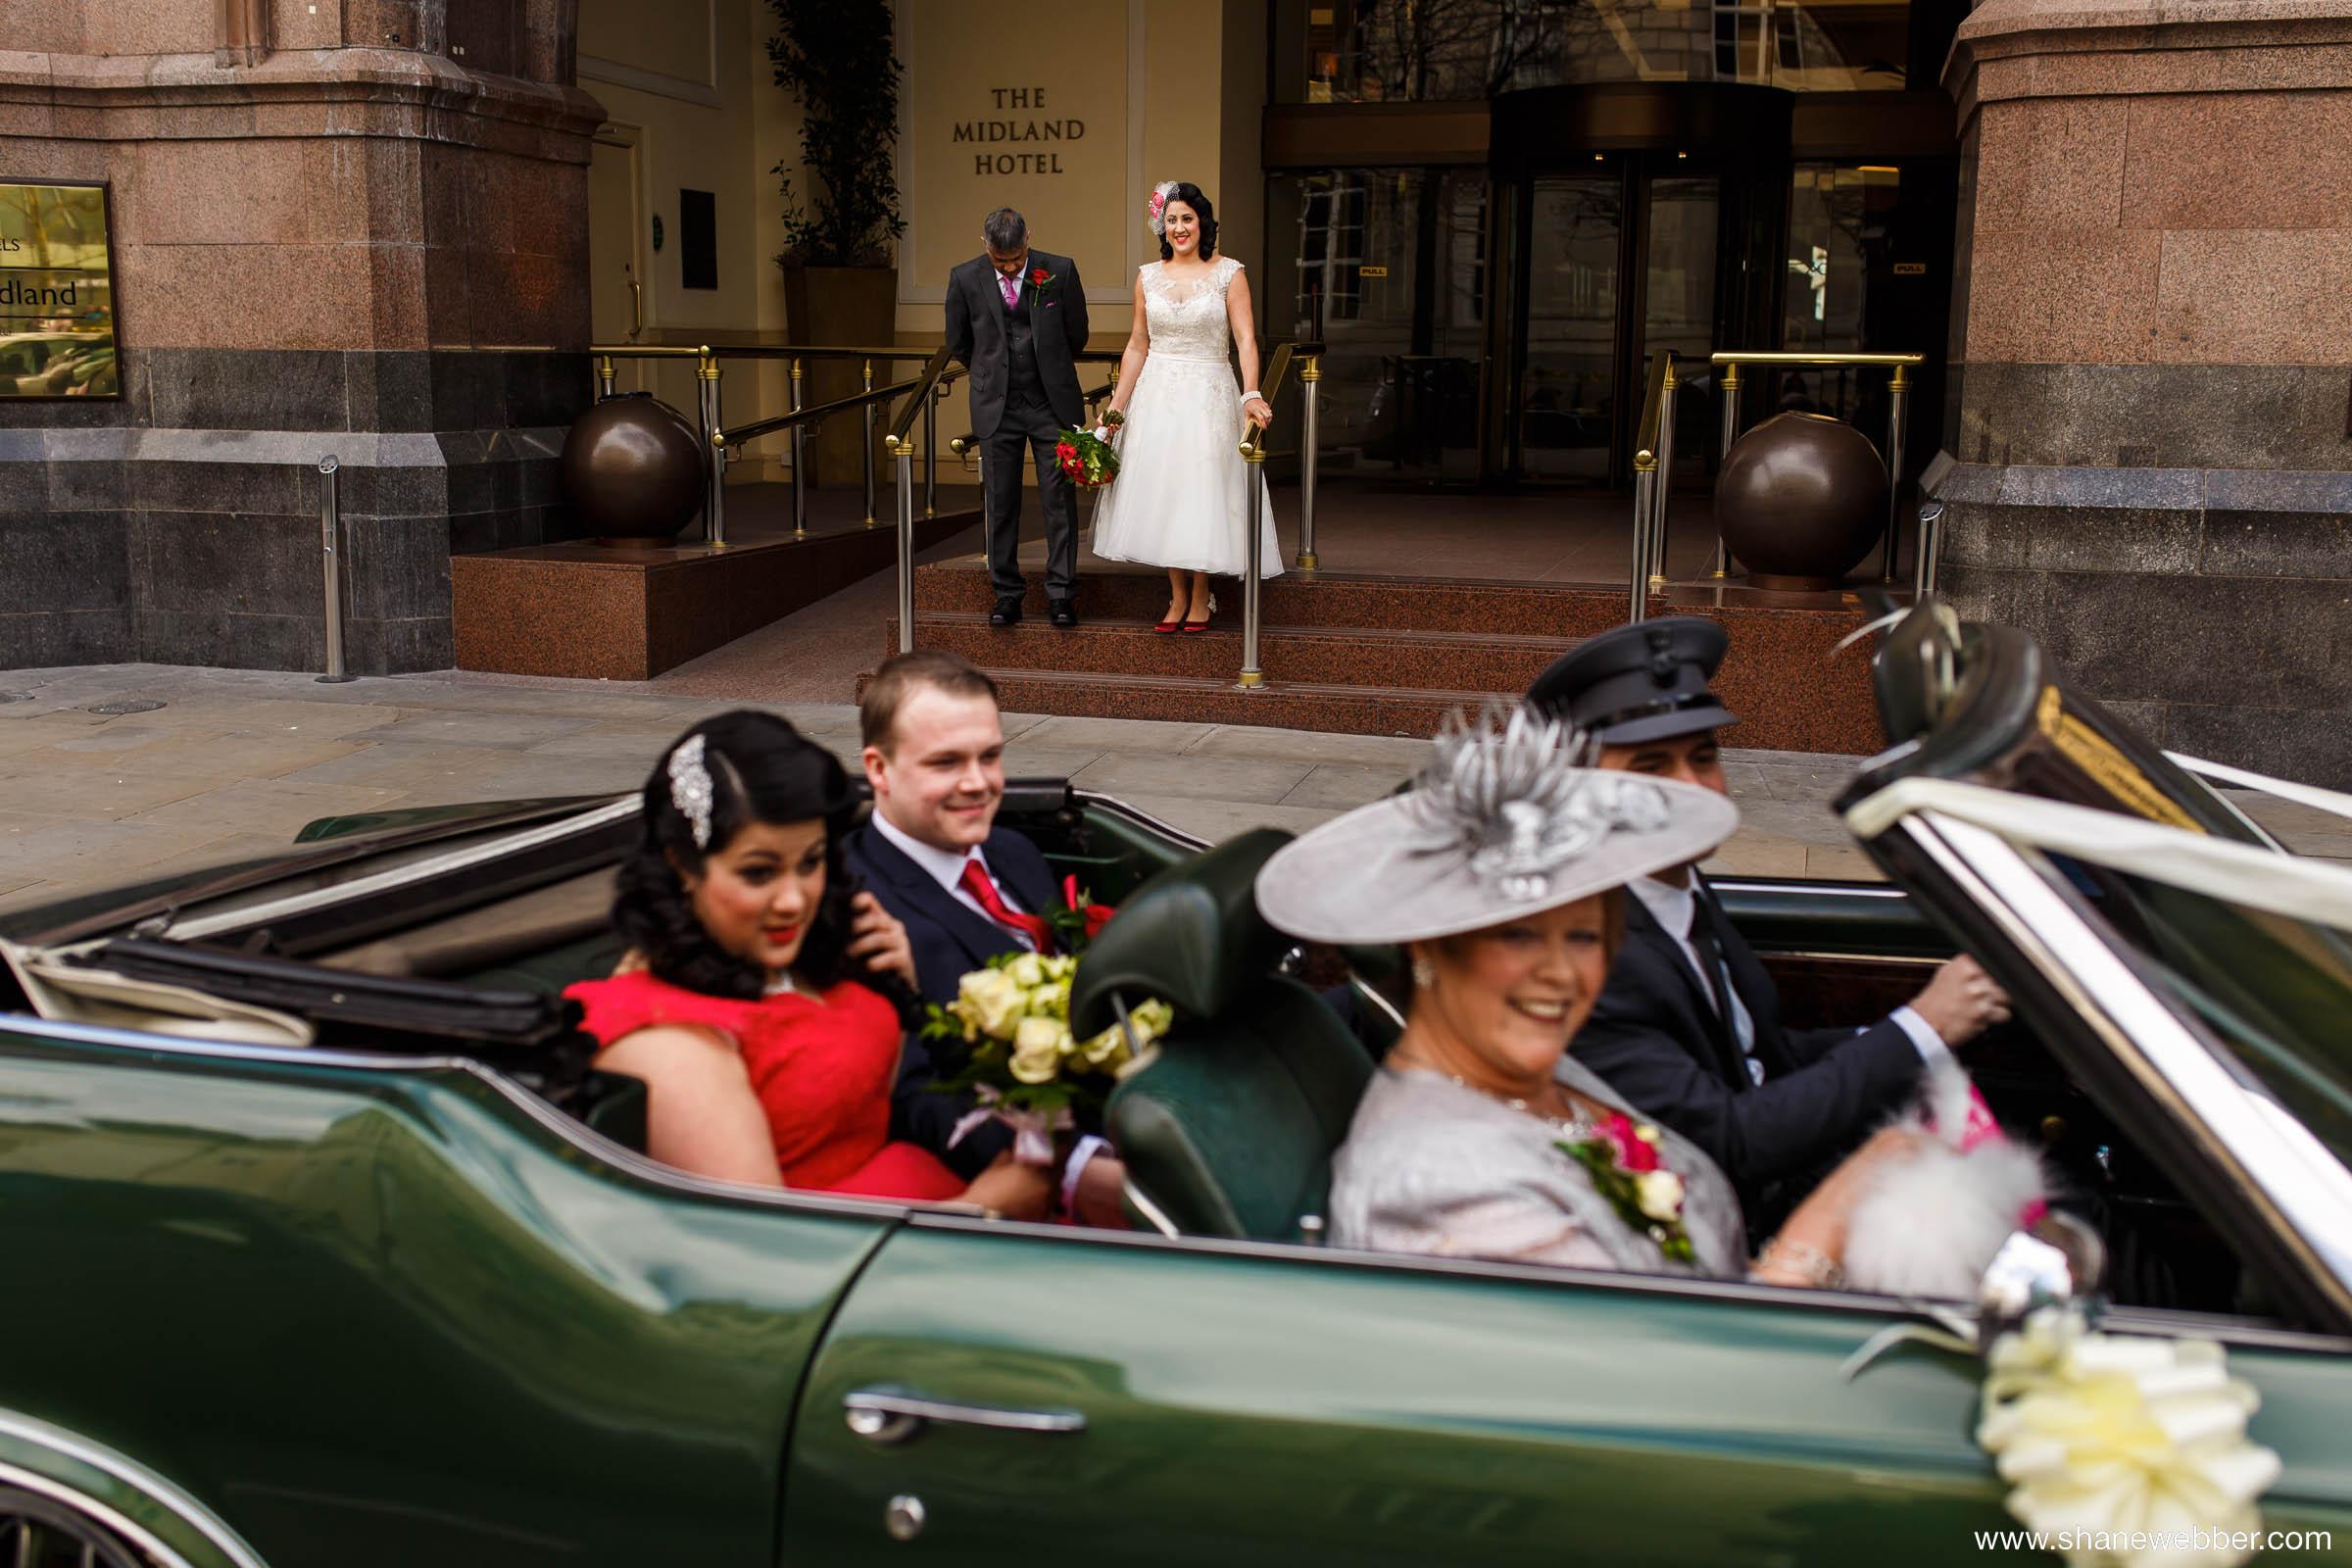 Bride getting into the vintage car